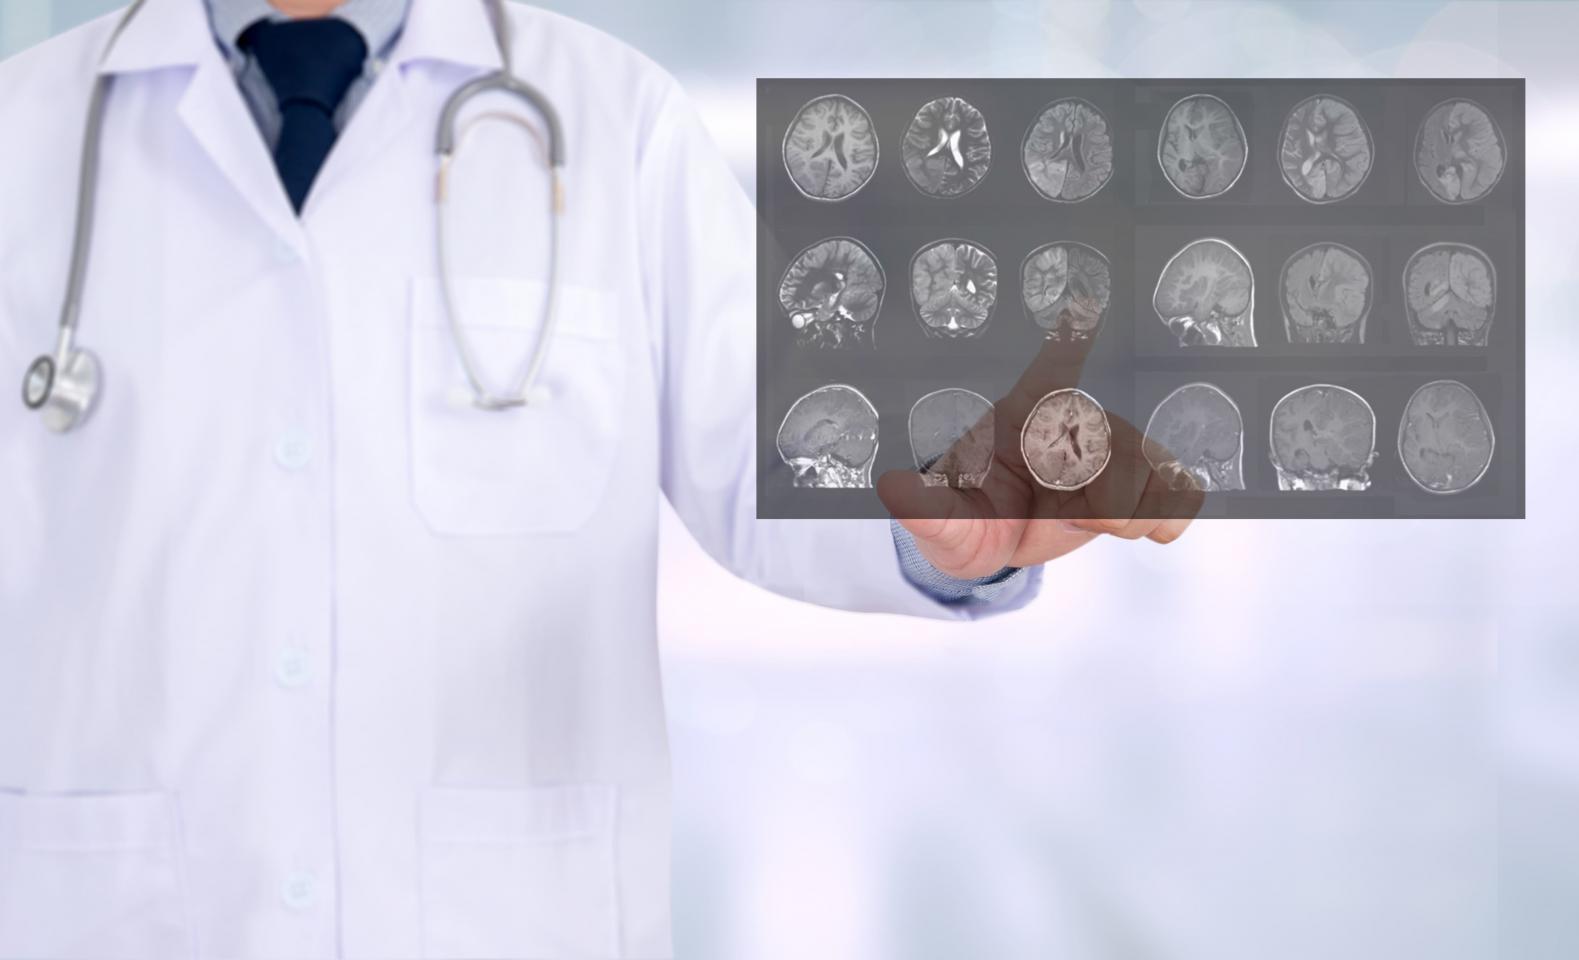 врач держит снимок МРТ